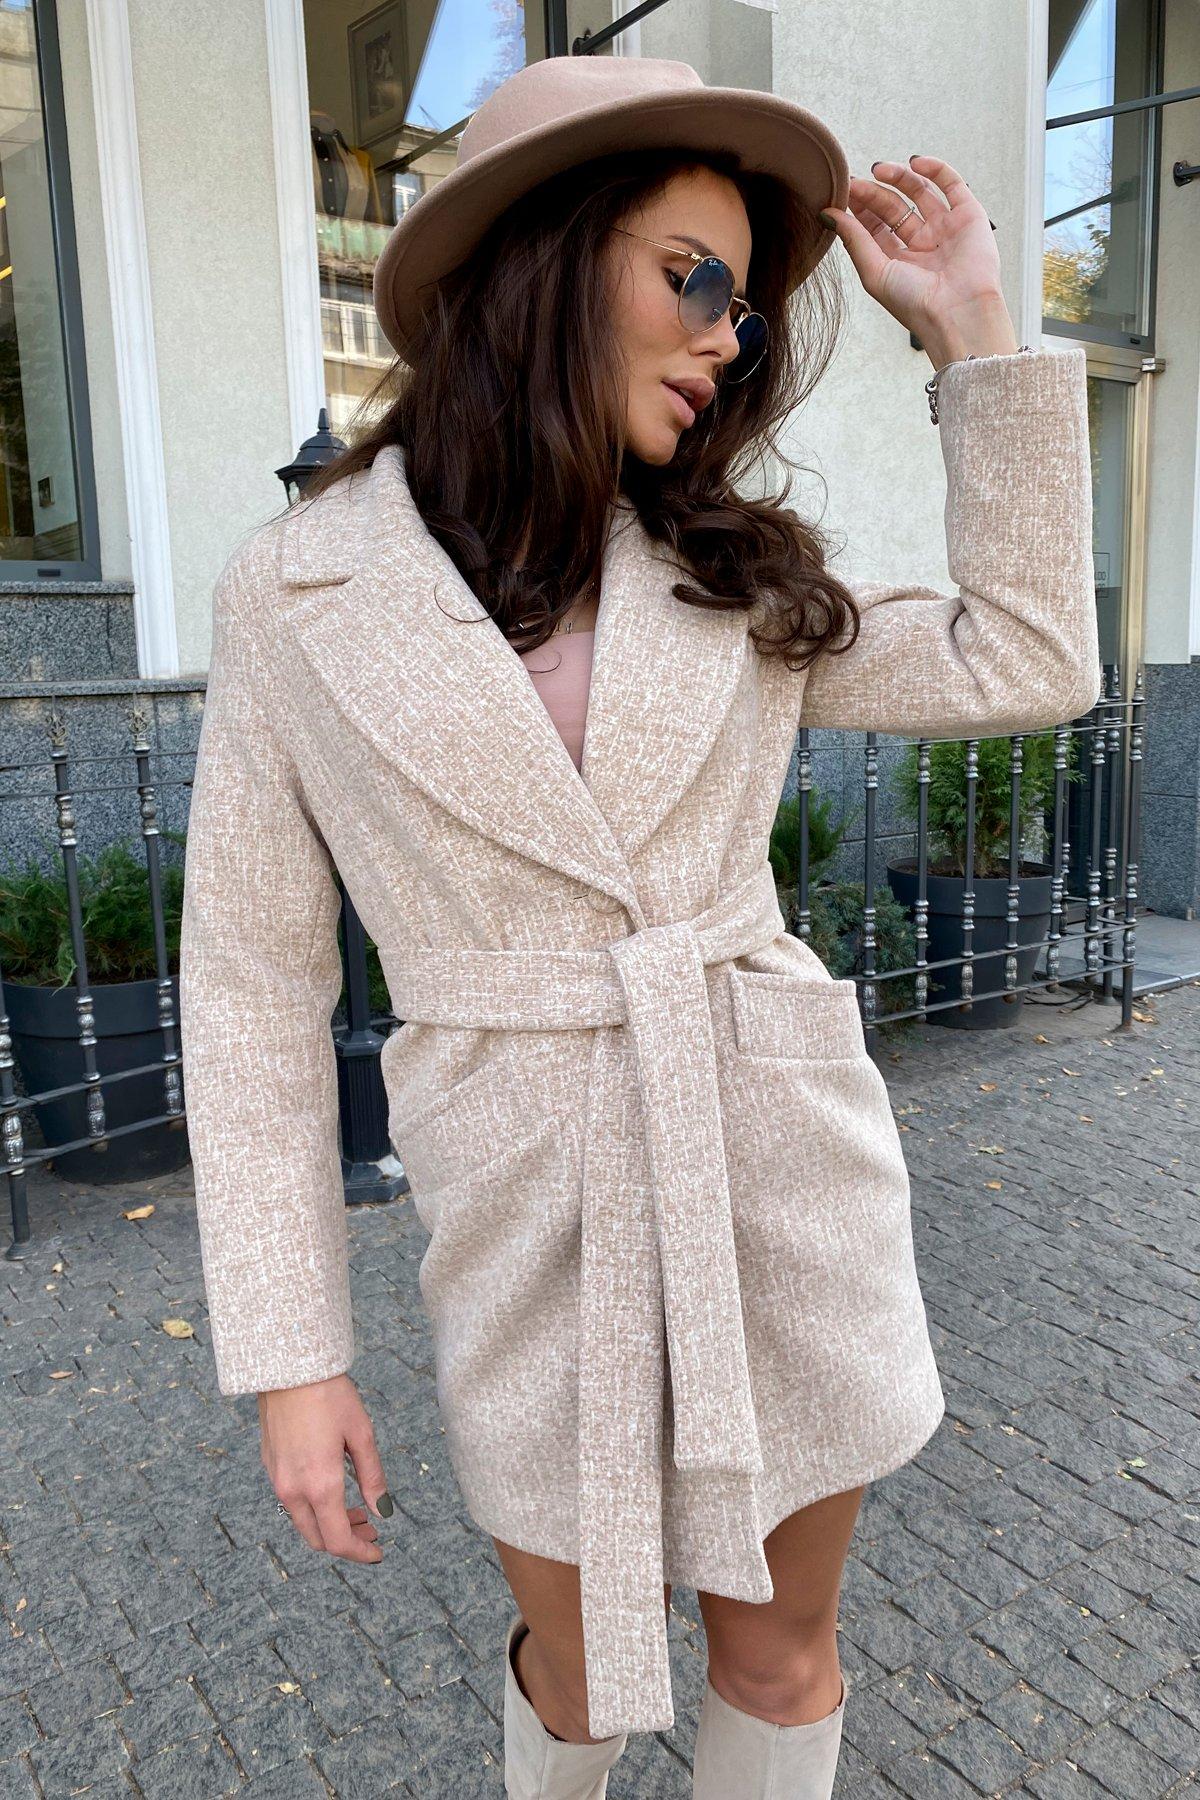 Вейсона кашемир на трикотаже текстурный пальто 9872 АРТ. 46160 Цвет: Бежевый/молоко - фото 9, интернет магазин tm-modus.ru